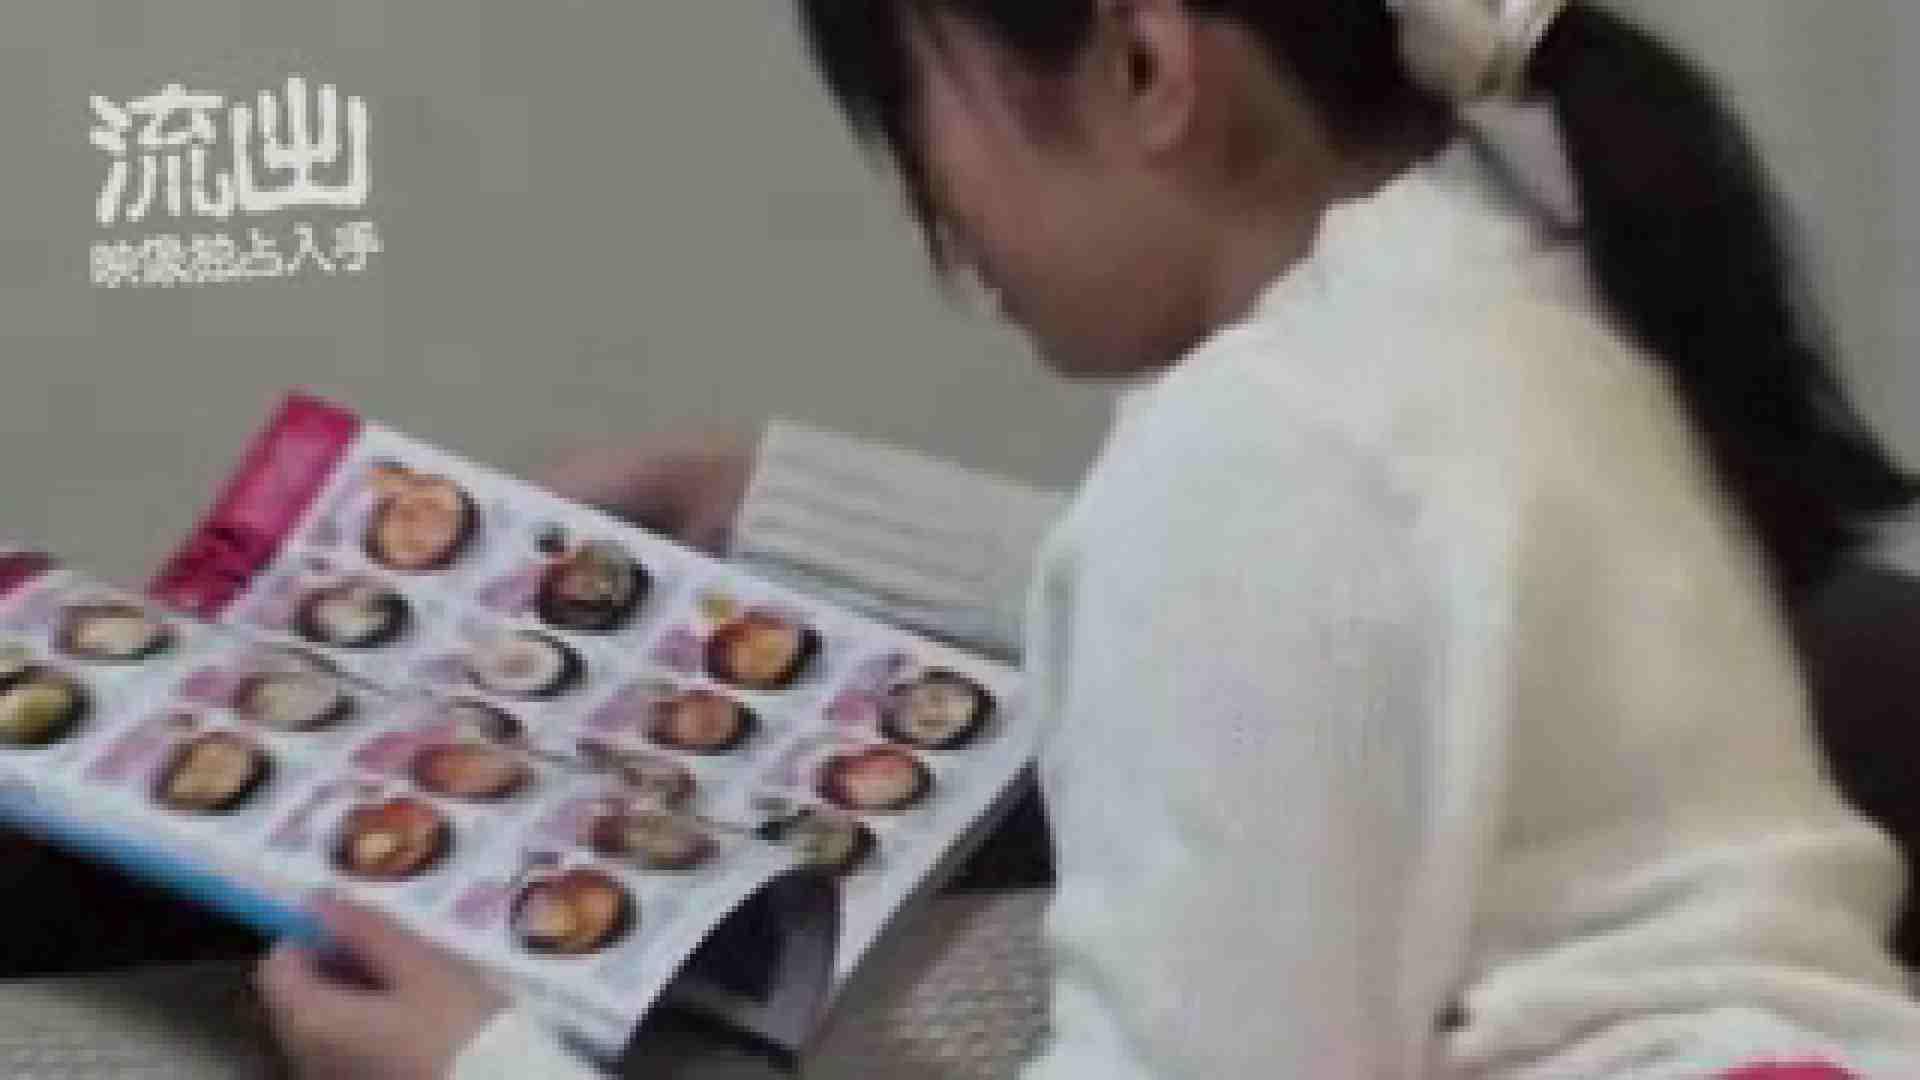 素人流出動画 都内在住マモルくんのファイルvol.6 シャワー 盗み撮り動画 92pic 9